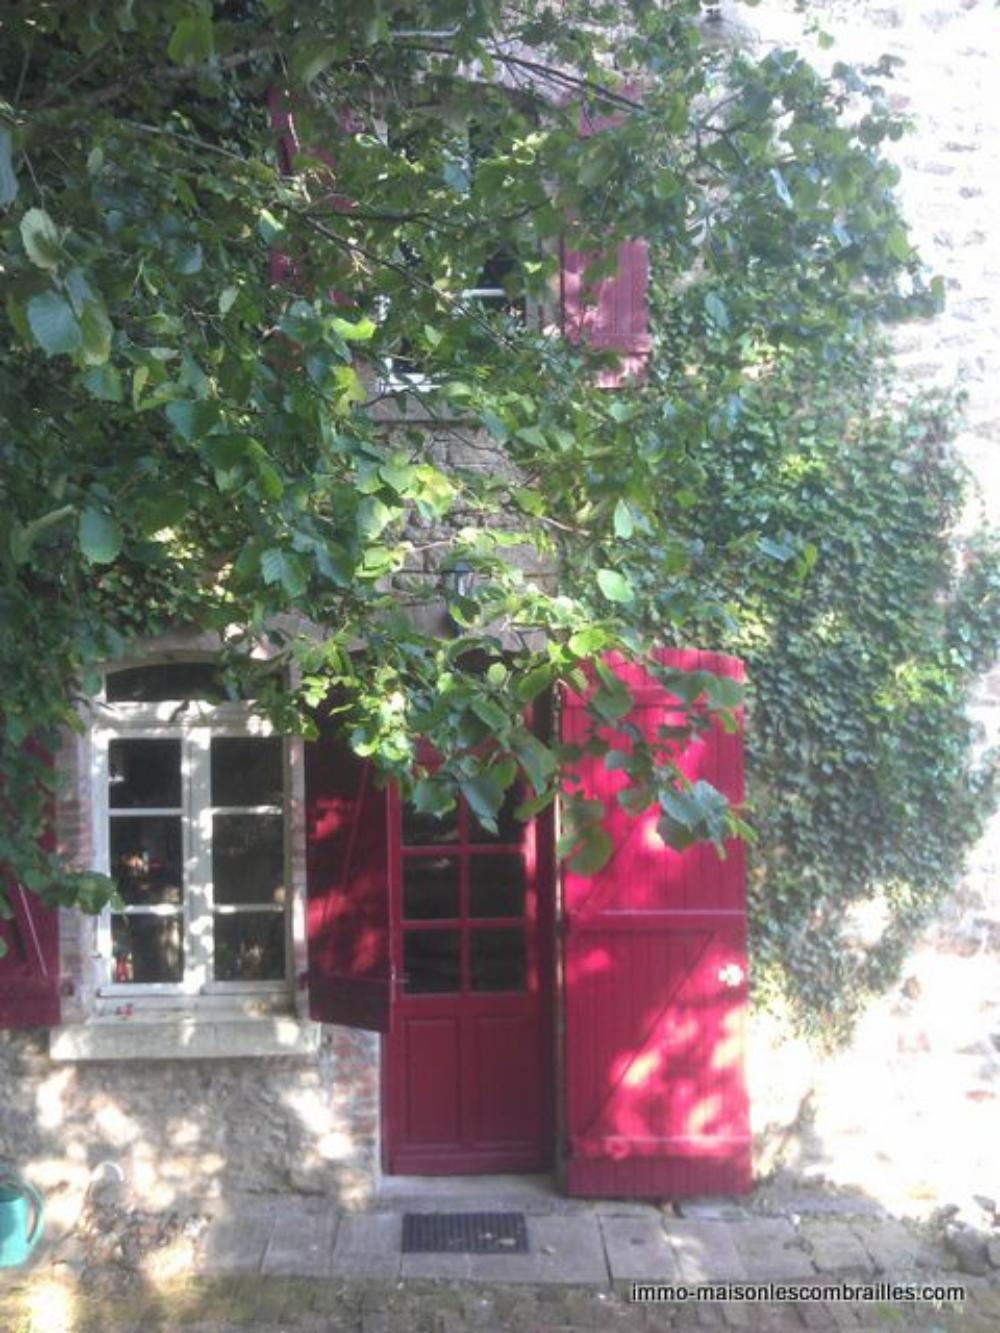 vrijstaand te koop Châtelus-le-Marcheix, Creuse (Limousin) foto 5